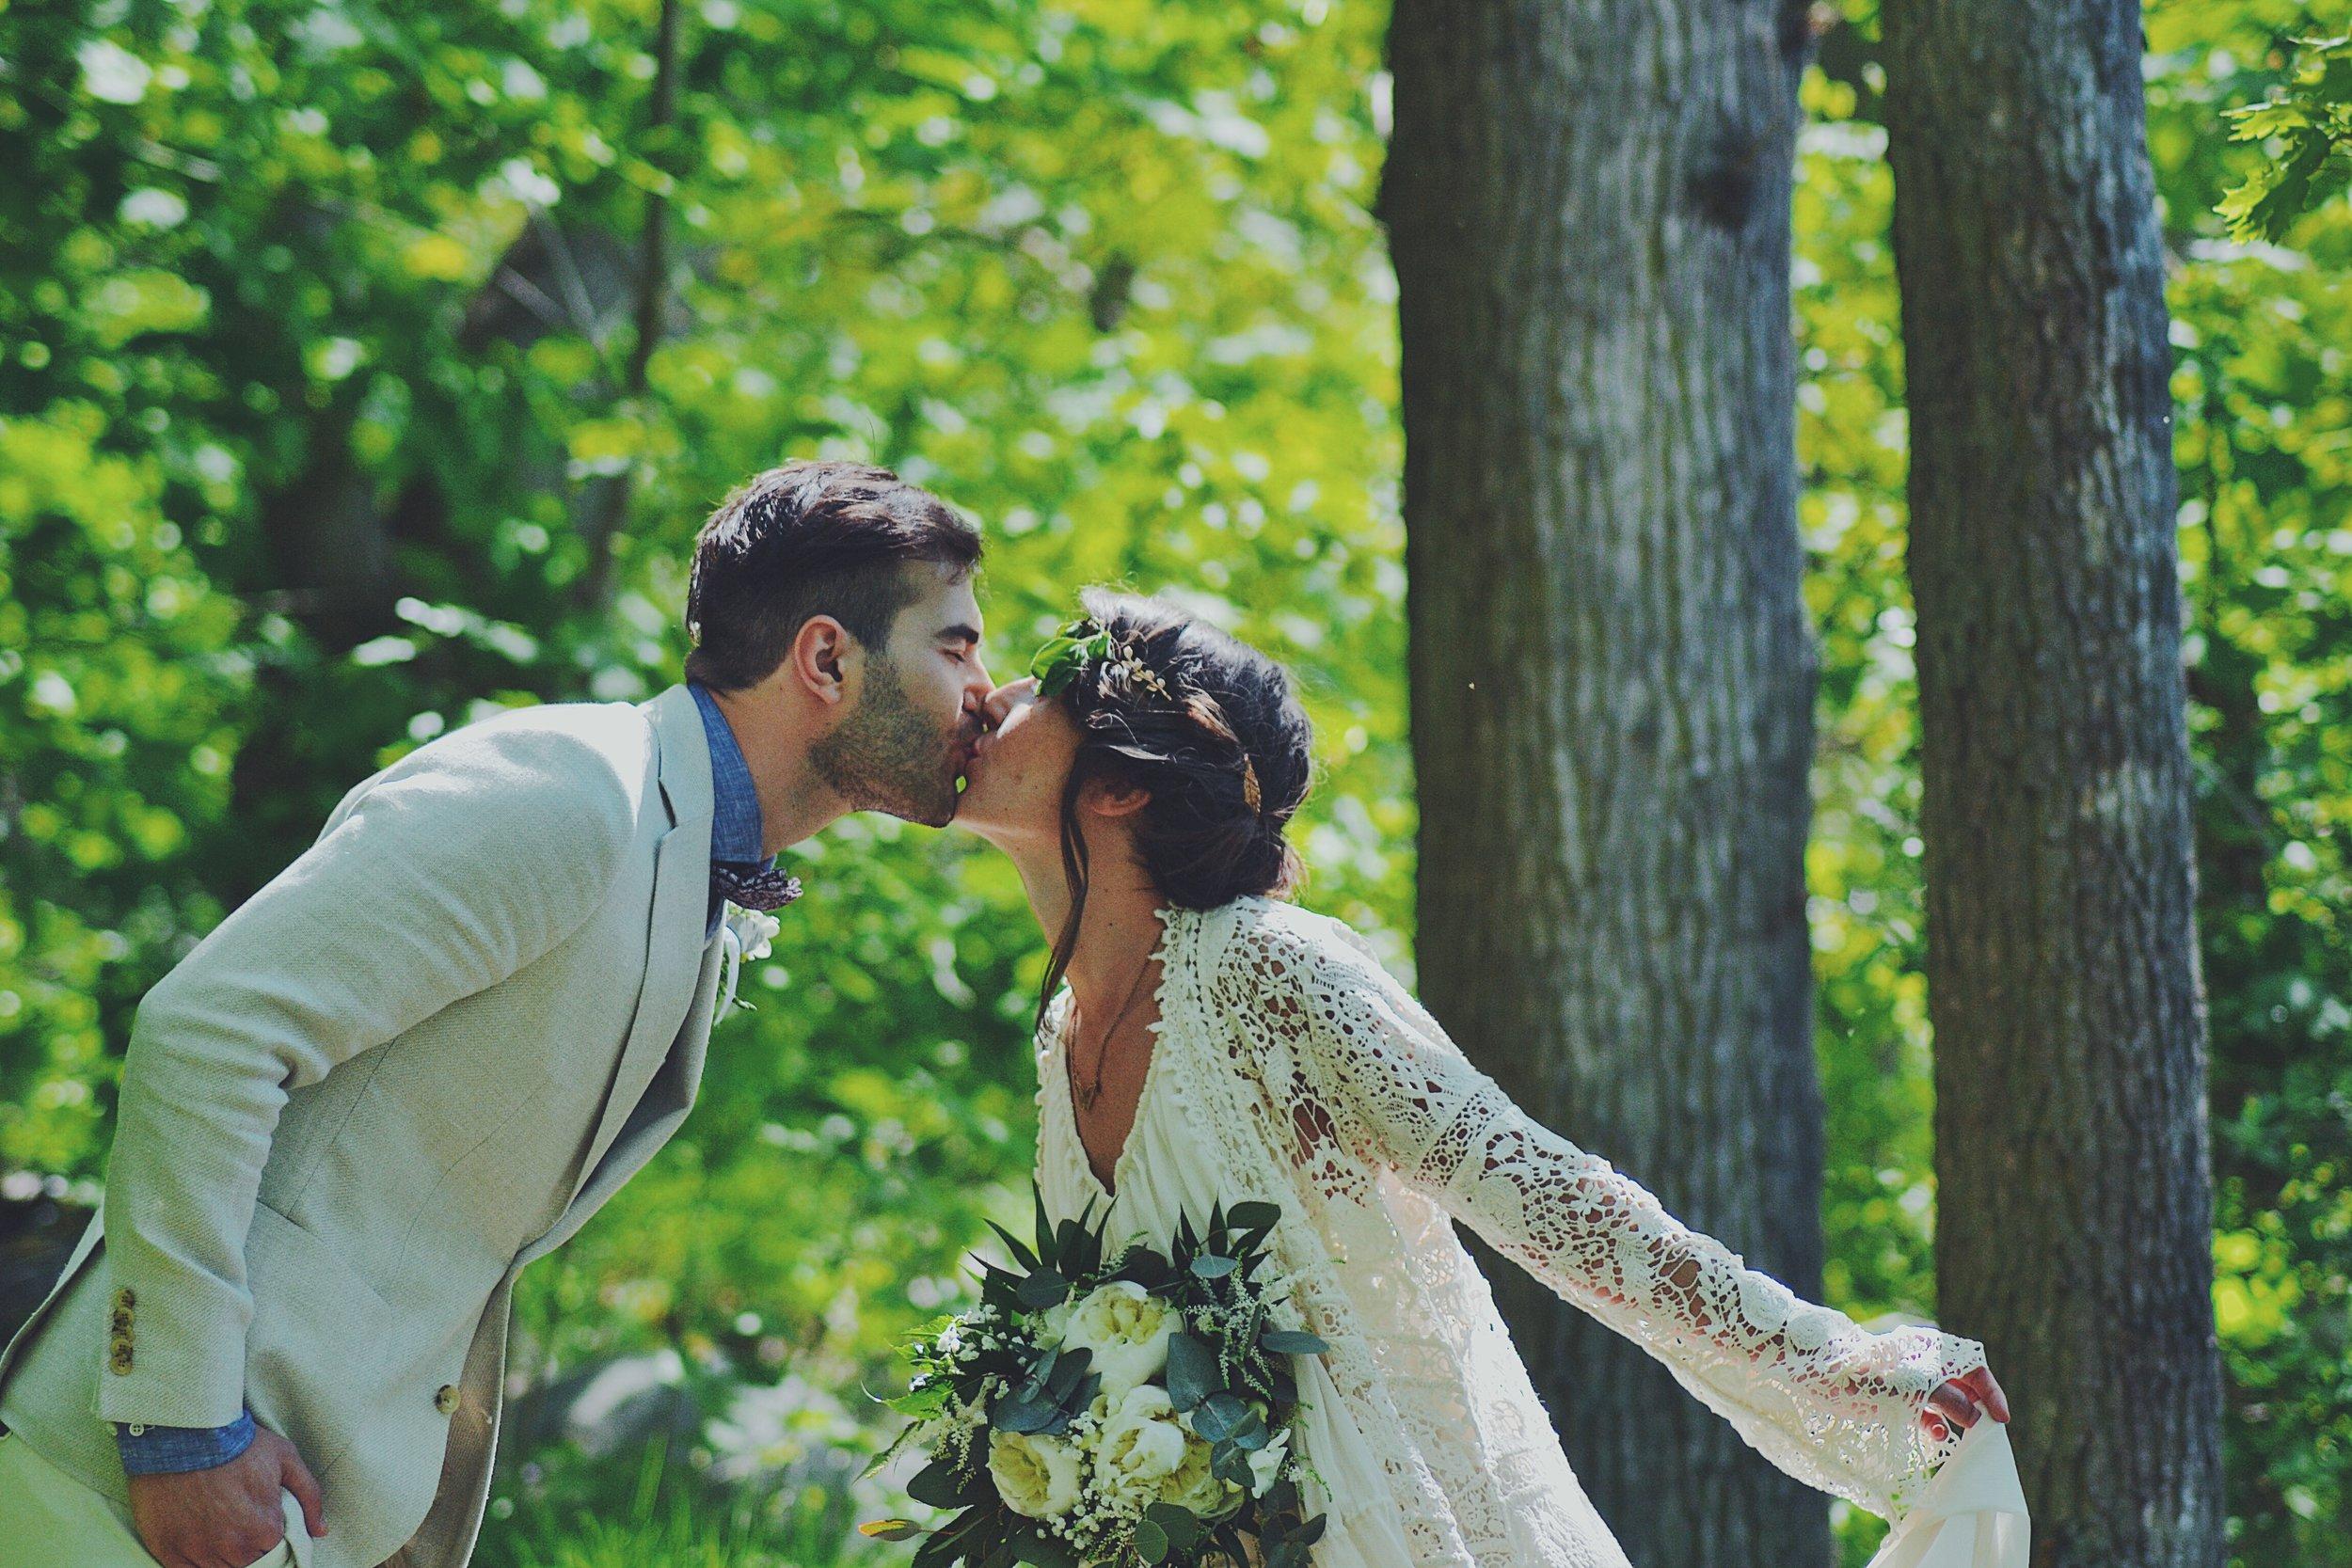 kämpar efter 6 månaders dejting hastighet dating Formby